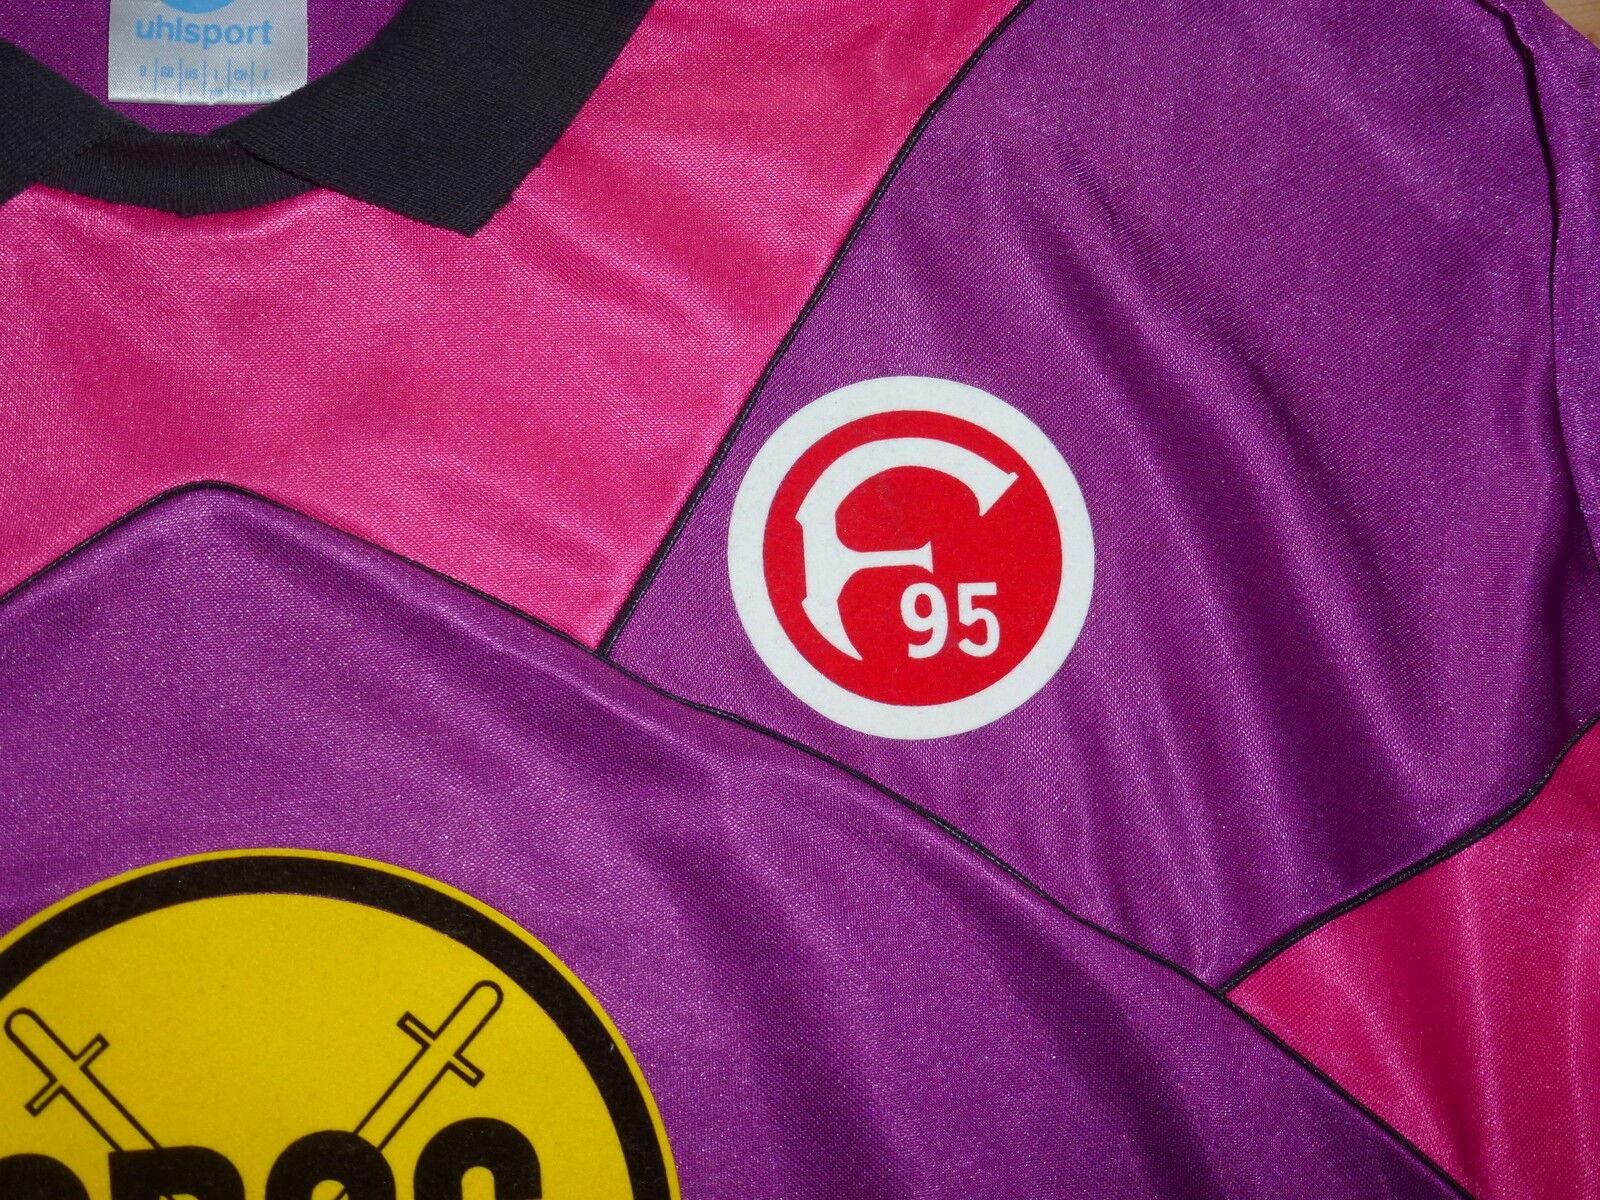 Uhlsport Torwart Torwart Torwart Trikot mit ARAG + Fortuna Logo in L guter Zustand für Sammler  | Fierce Kaufen  b1a78c